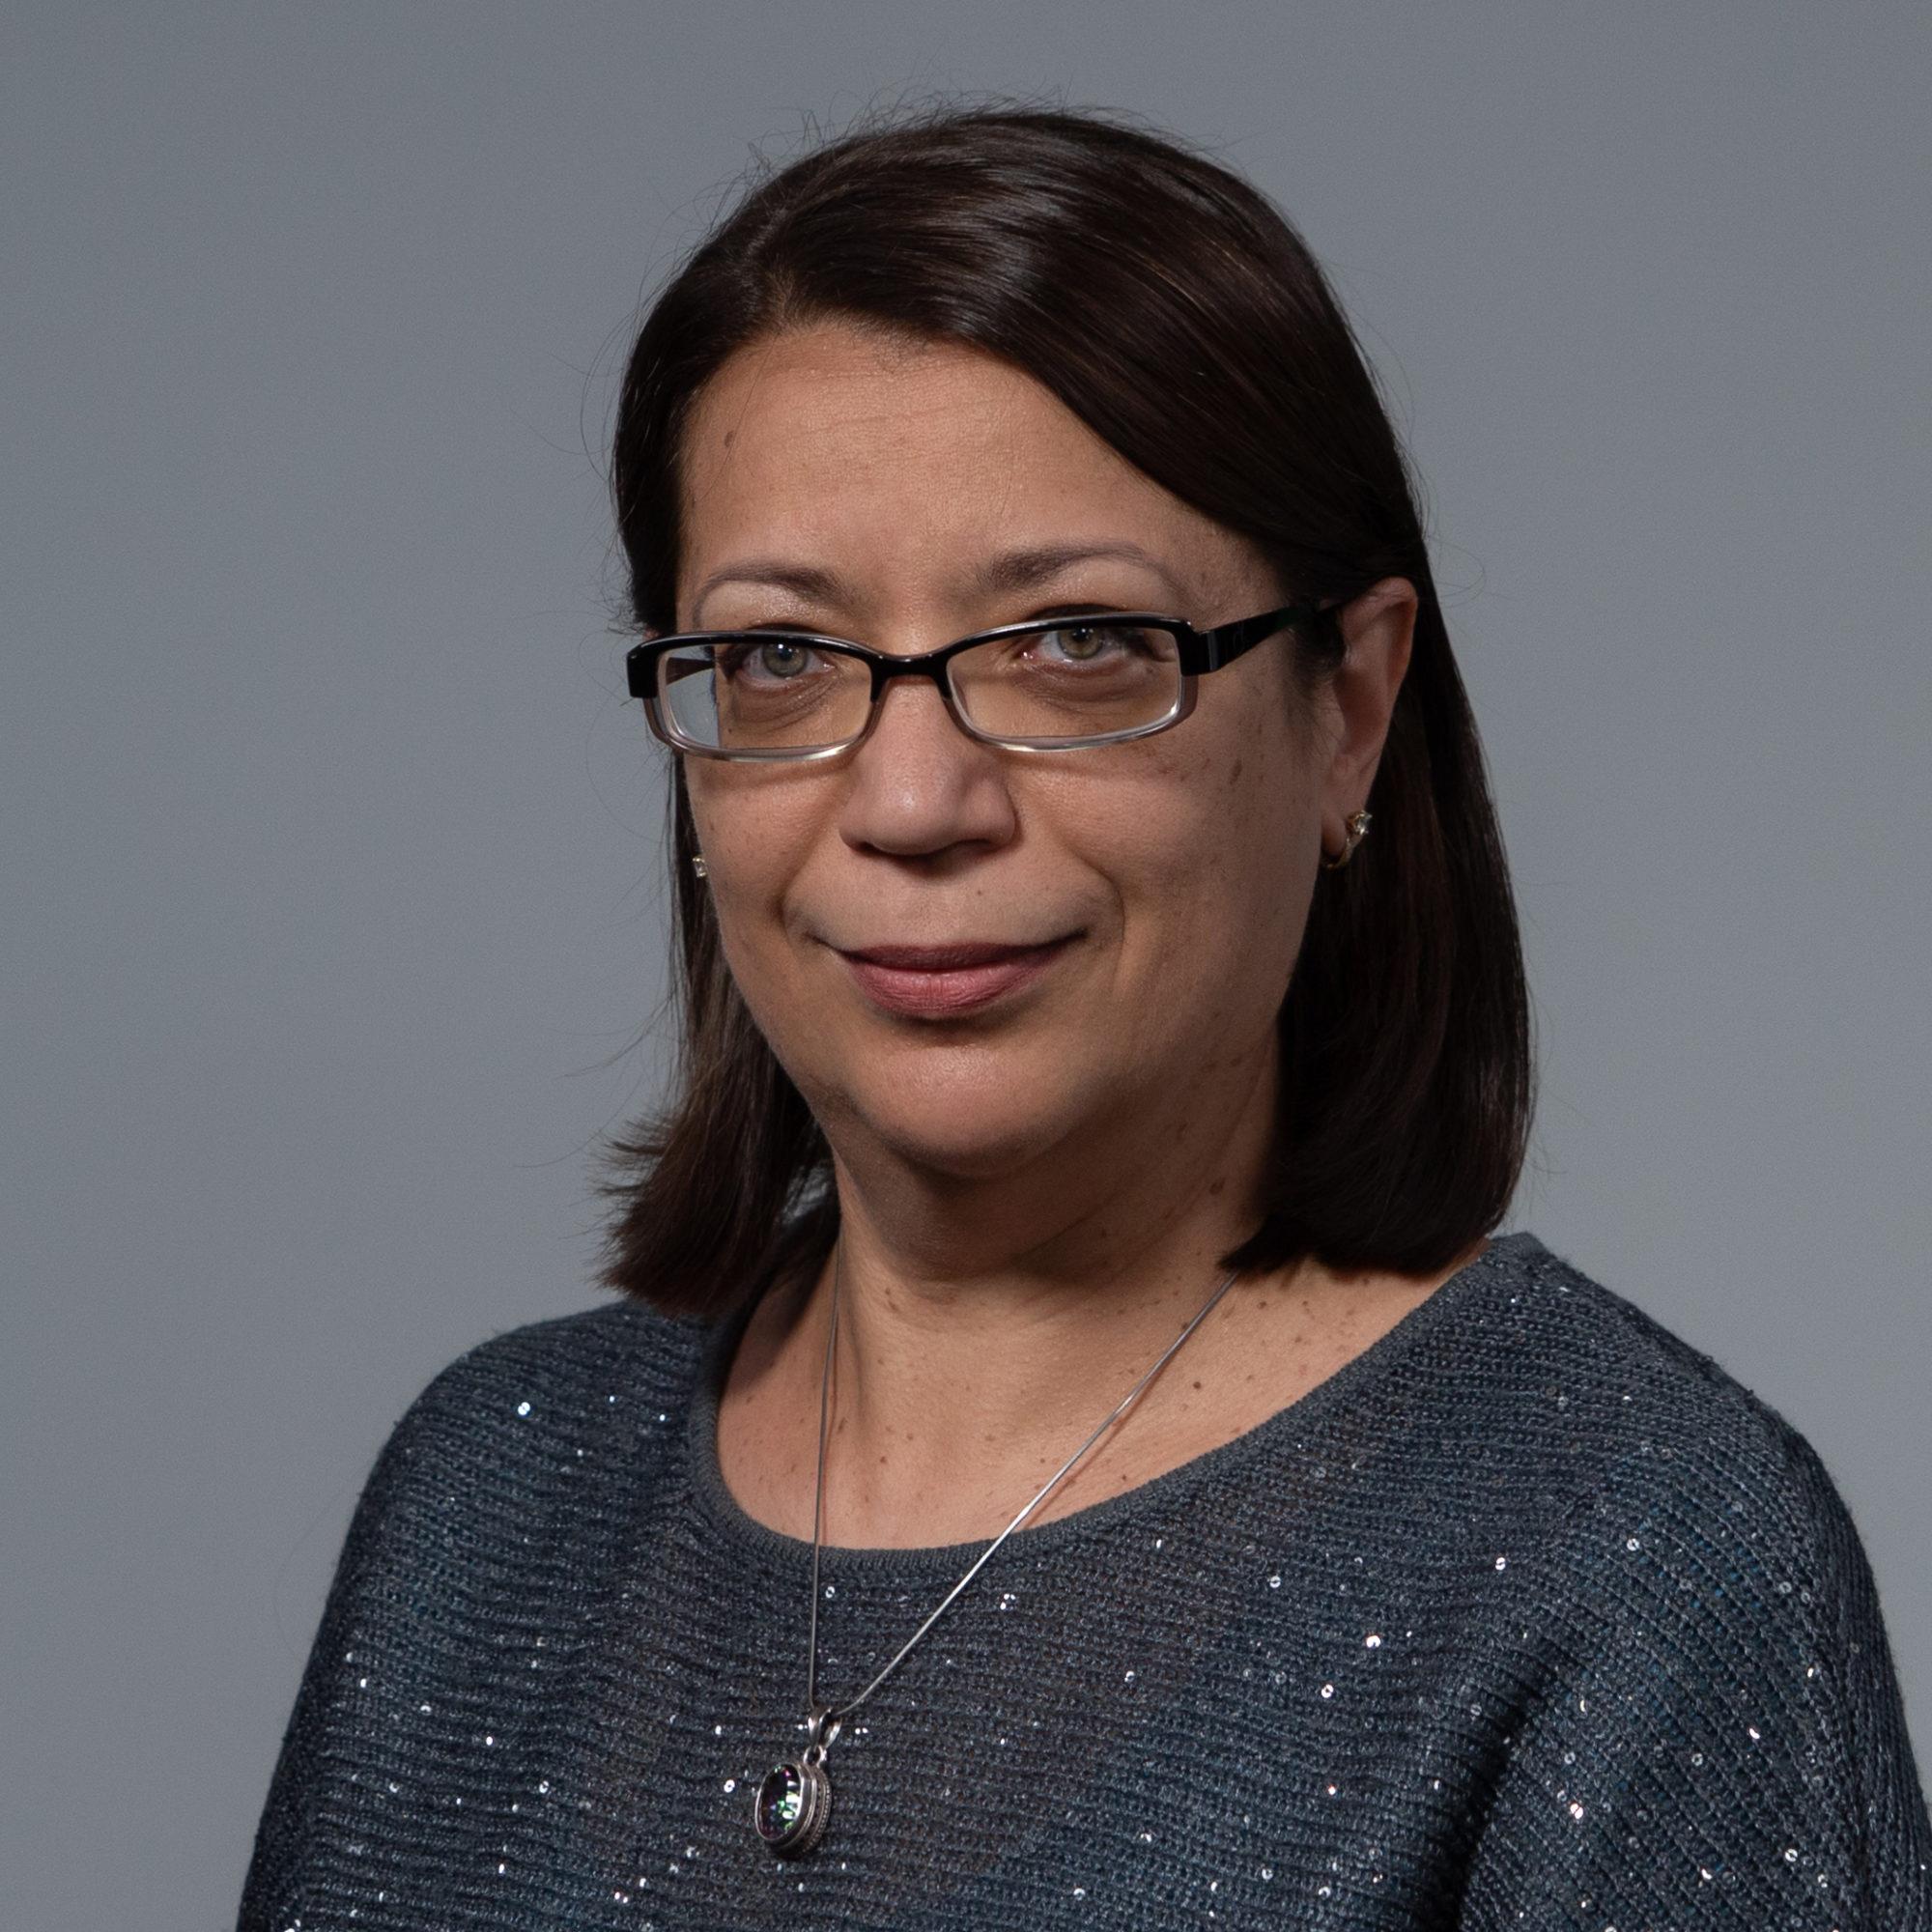 Eleonora Nikitina